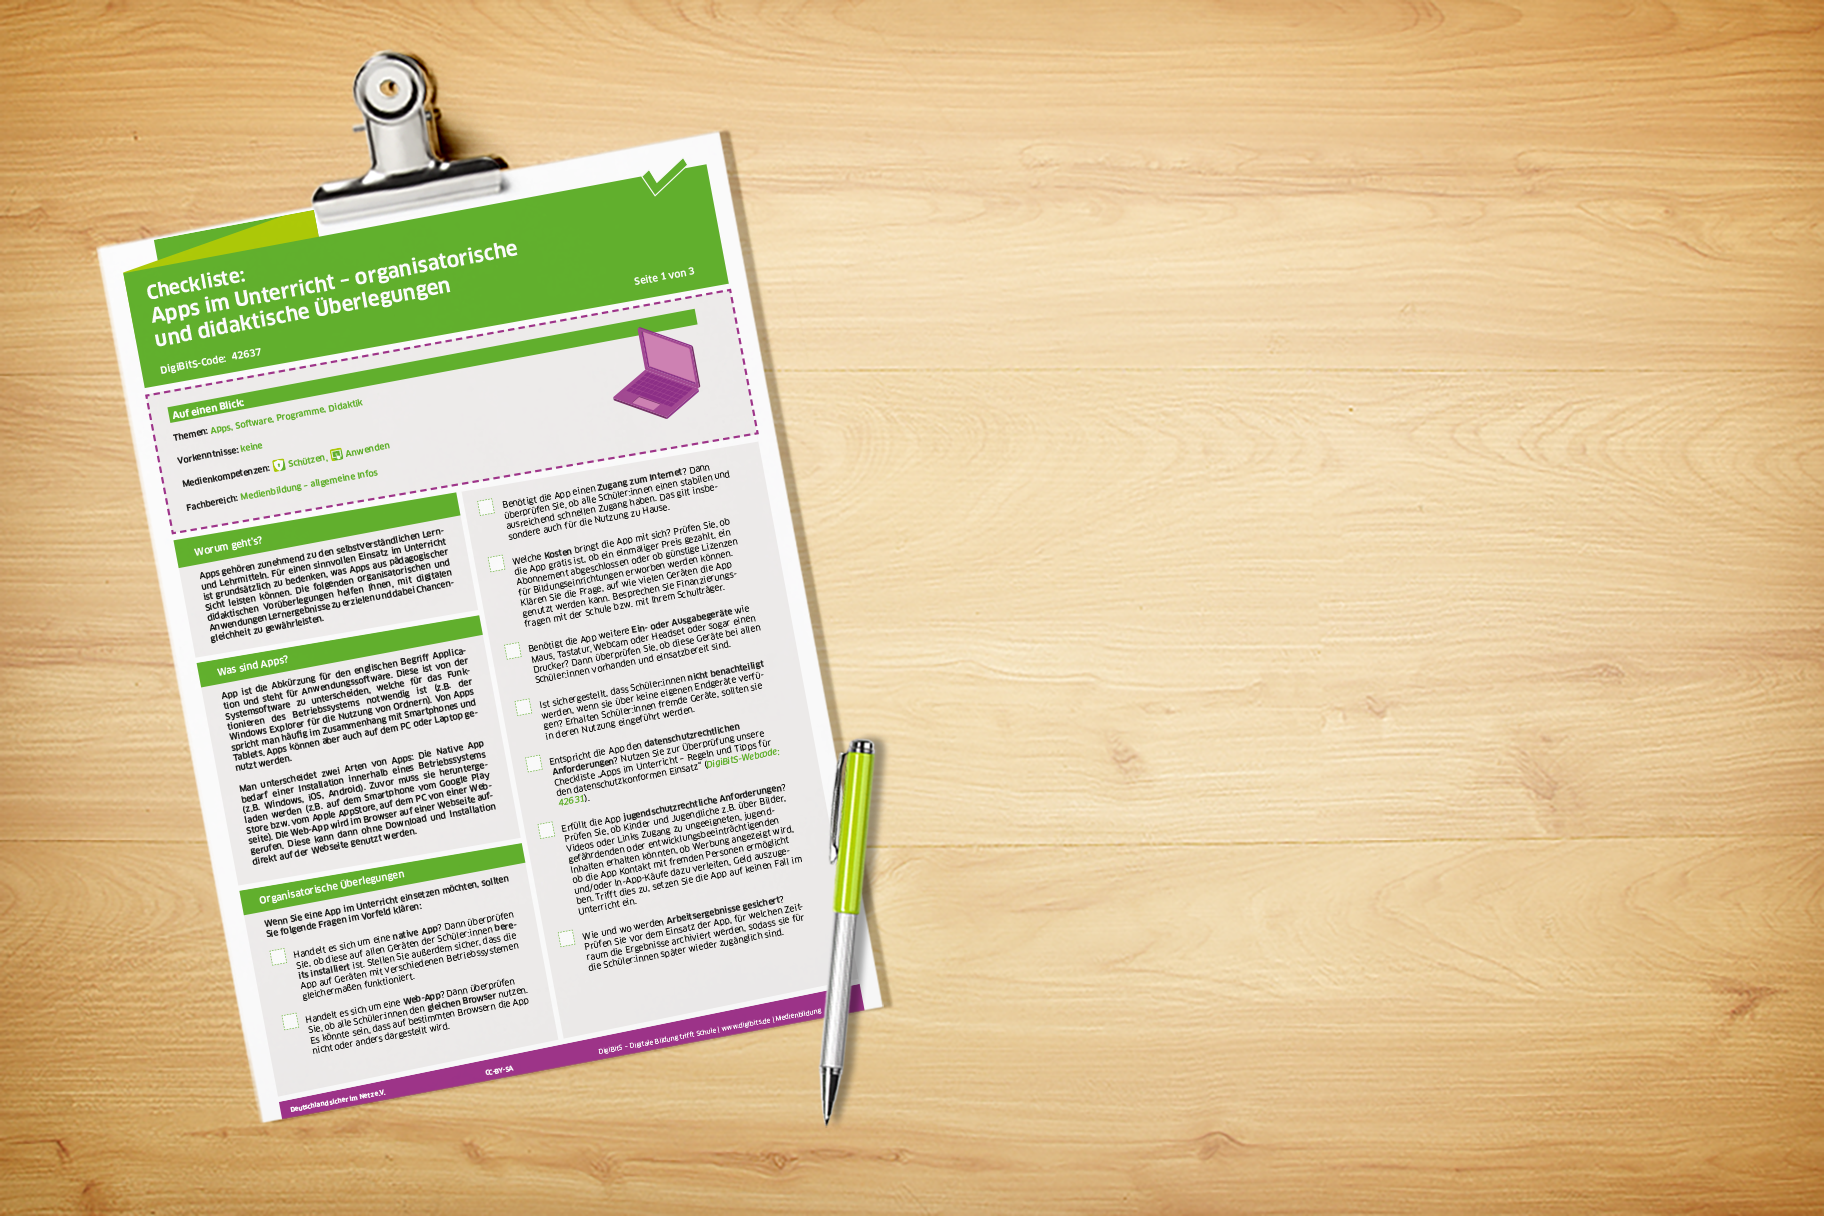 """DigiBitS Checkliste """"Apps im Unterricht - organisatorische und didaktische Überlegungen"""""""